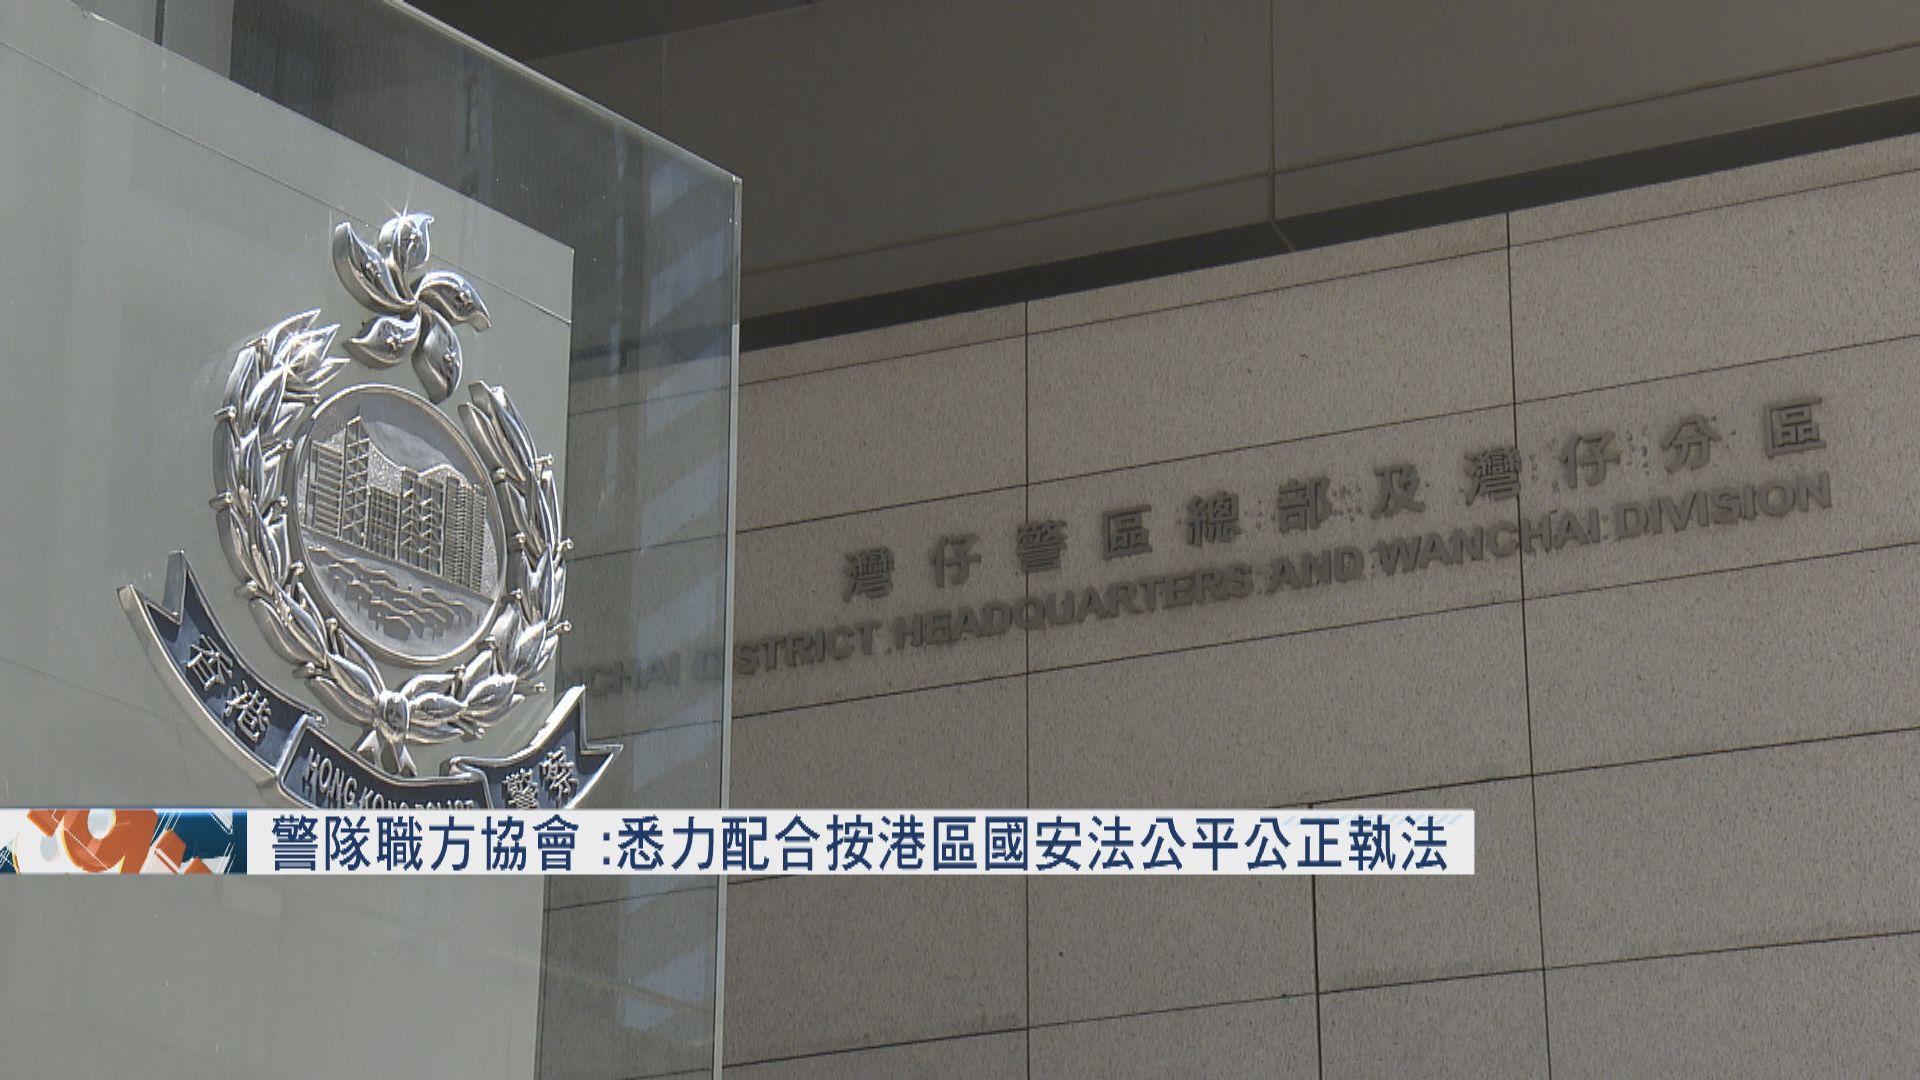 警隊職方協會:悉力配合按港區國安法公平公正執法